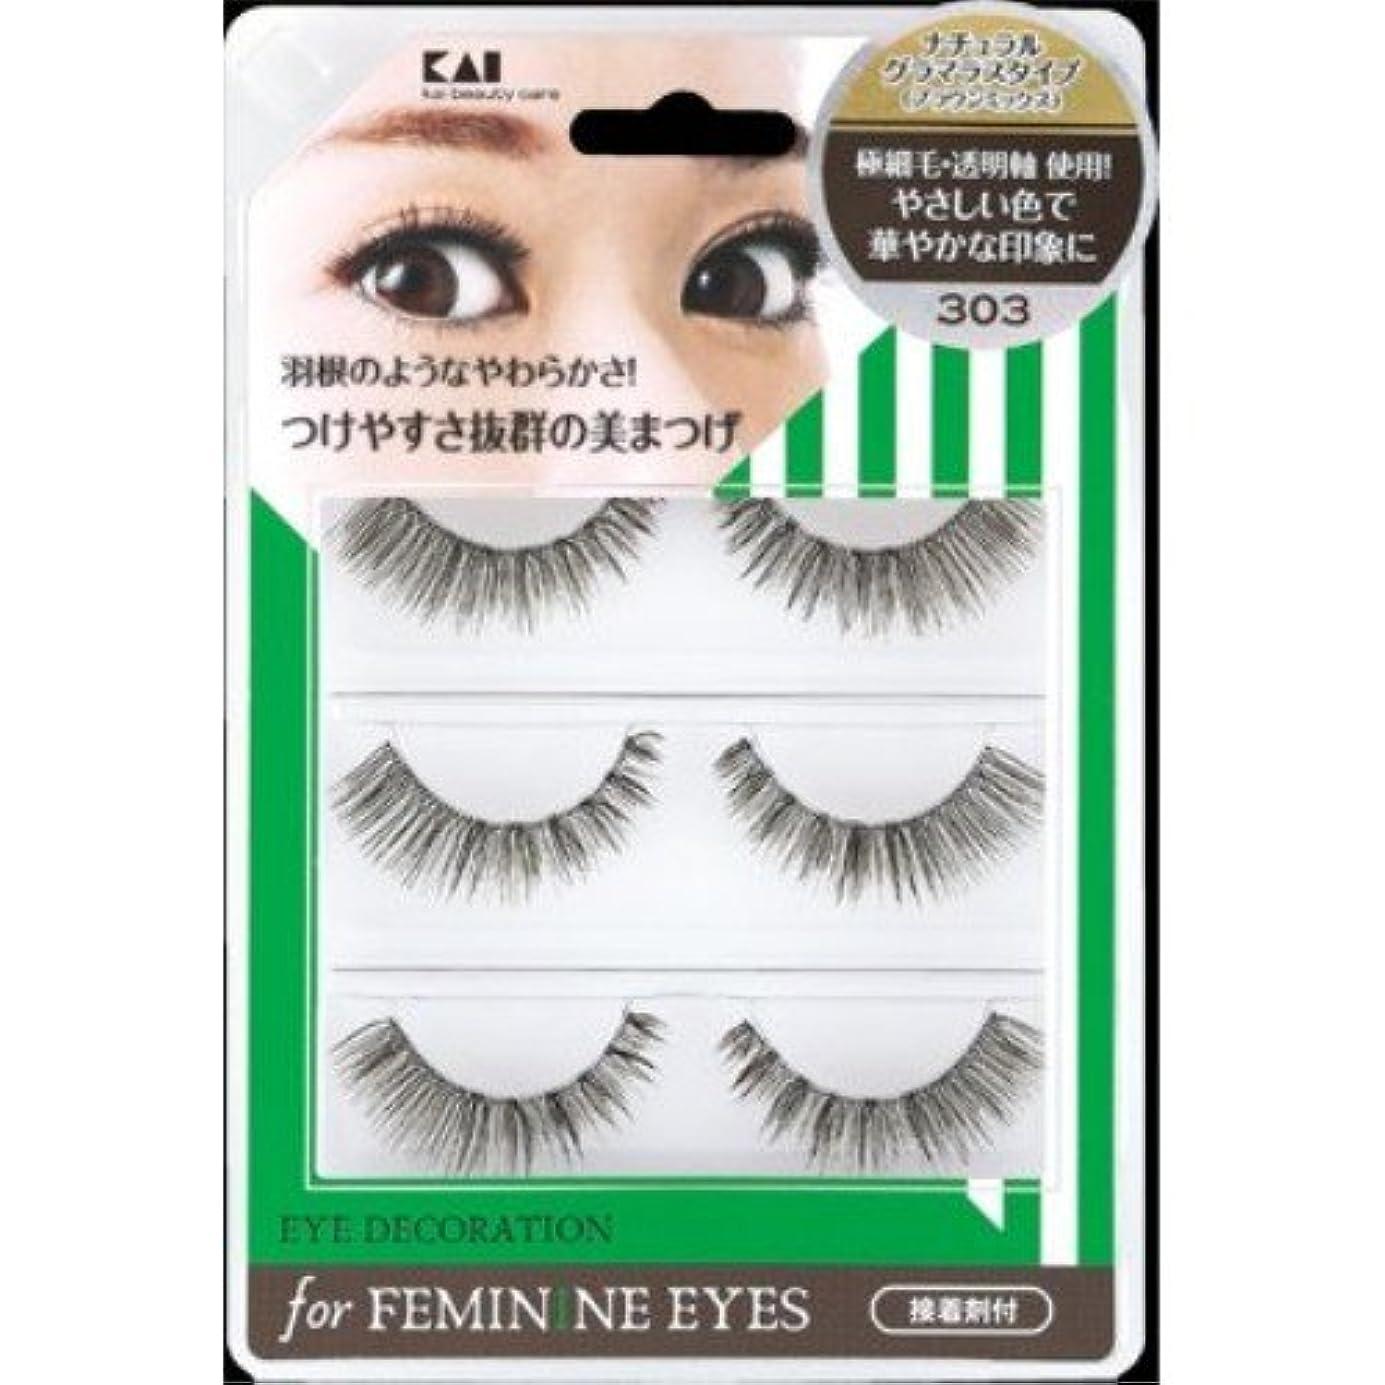 海昼間キラウエア山貝印 アイデコレーション for feminine eyes 303 HC1563